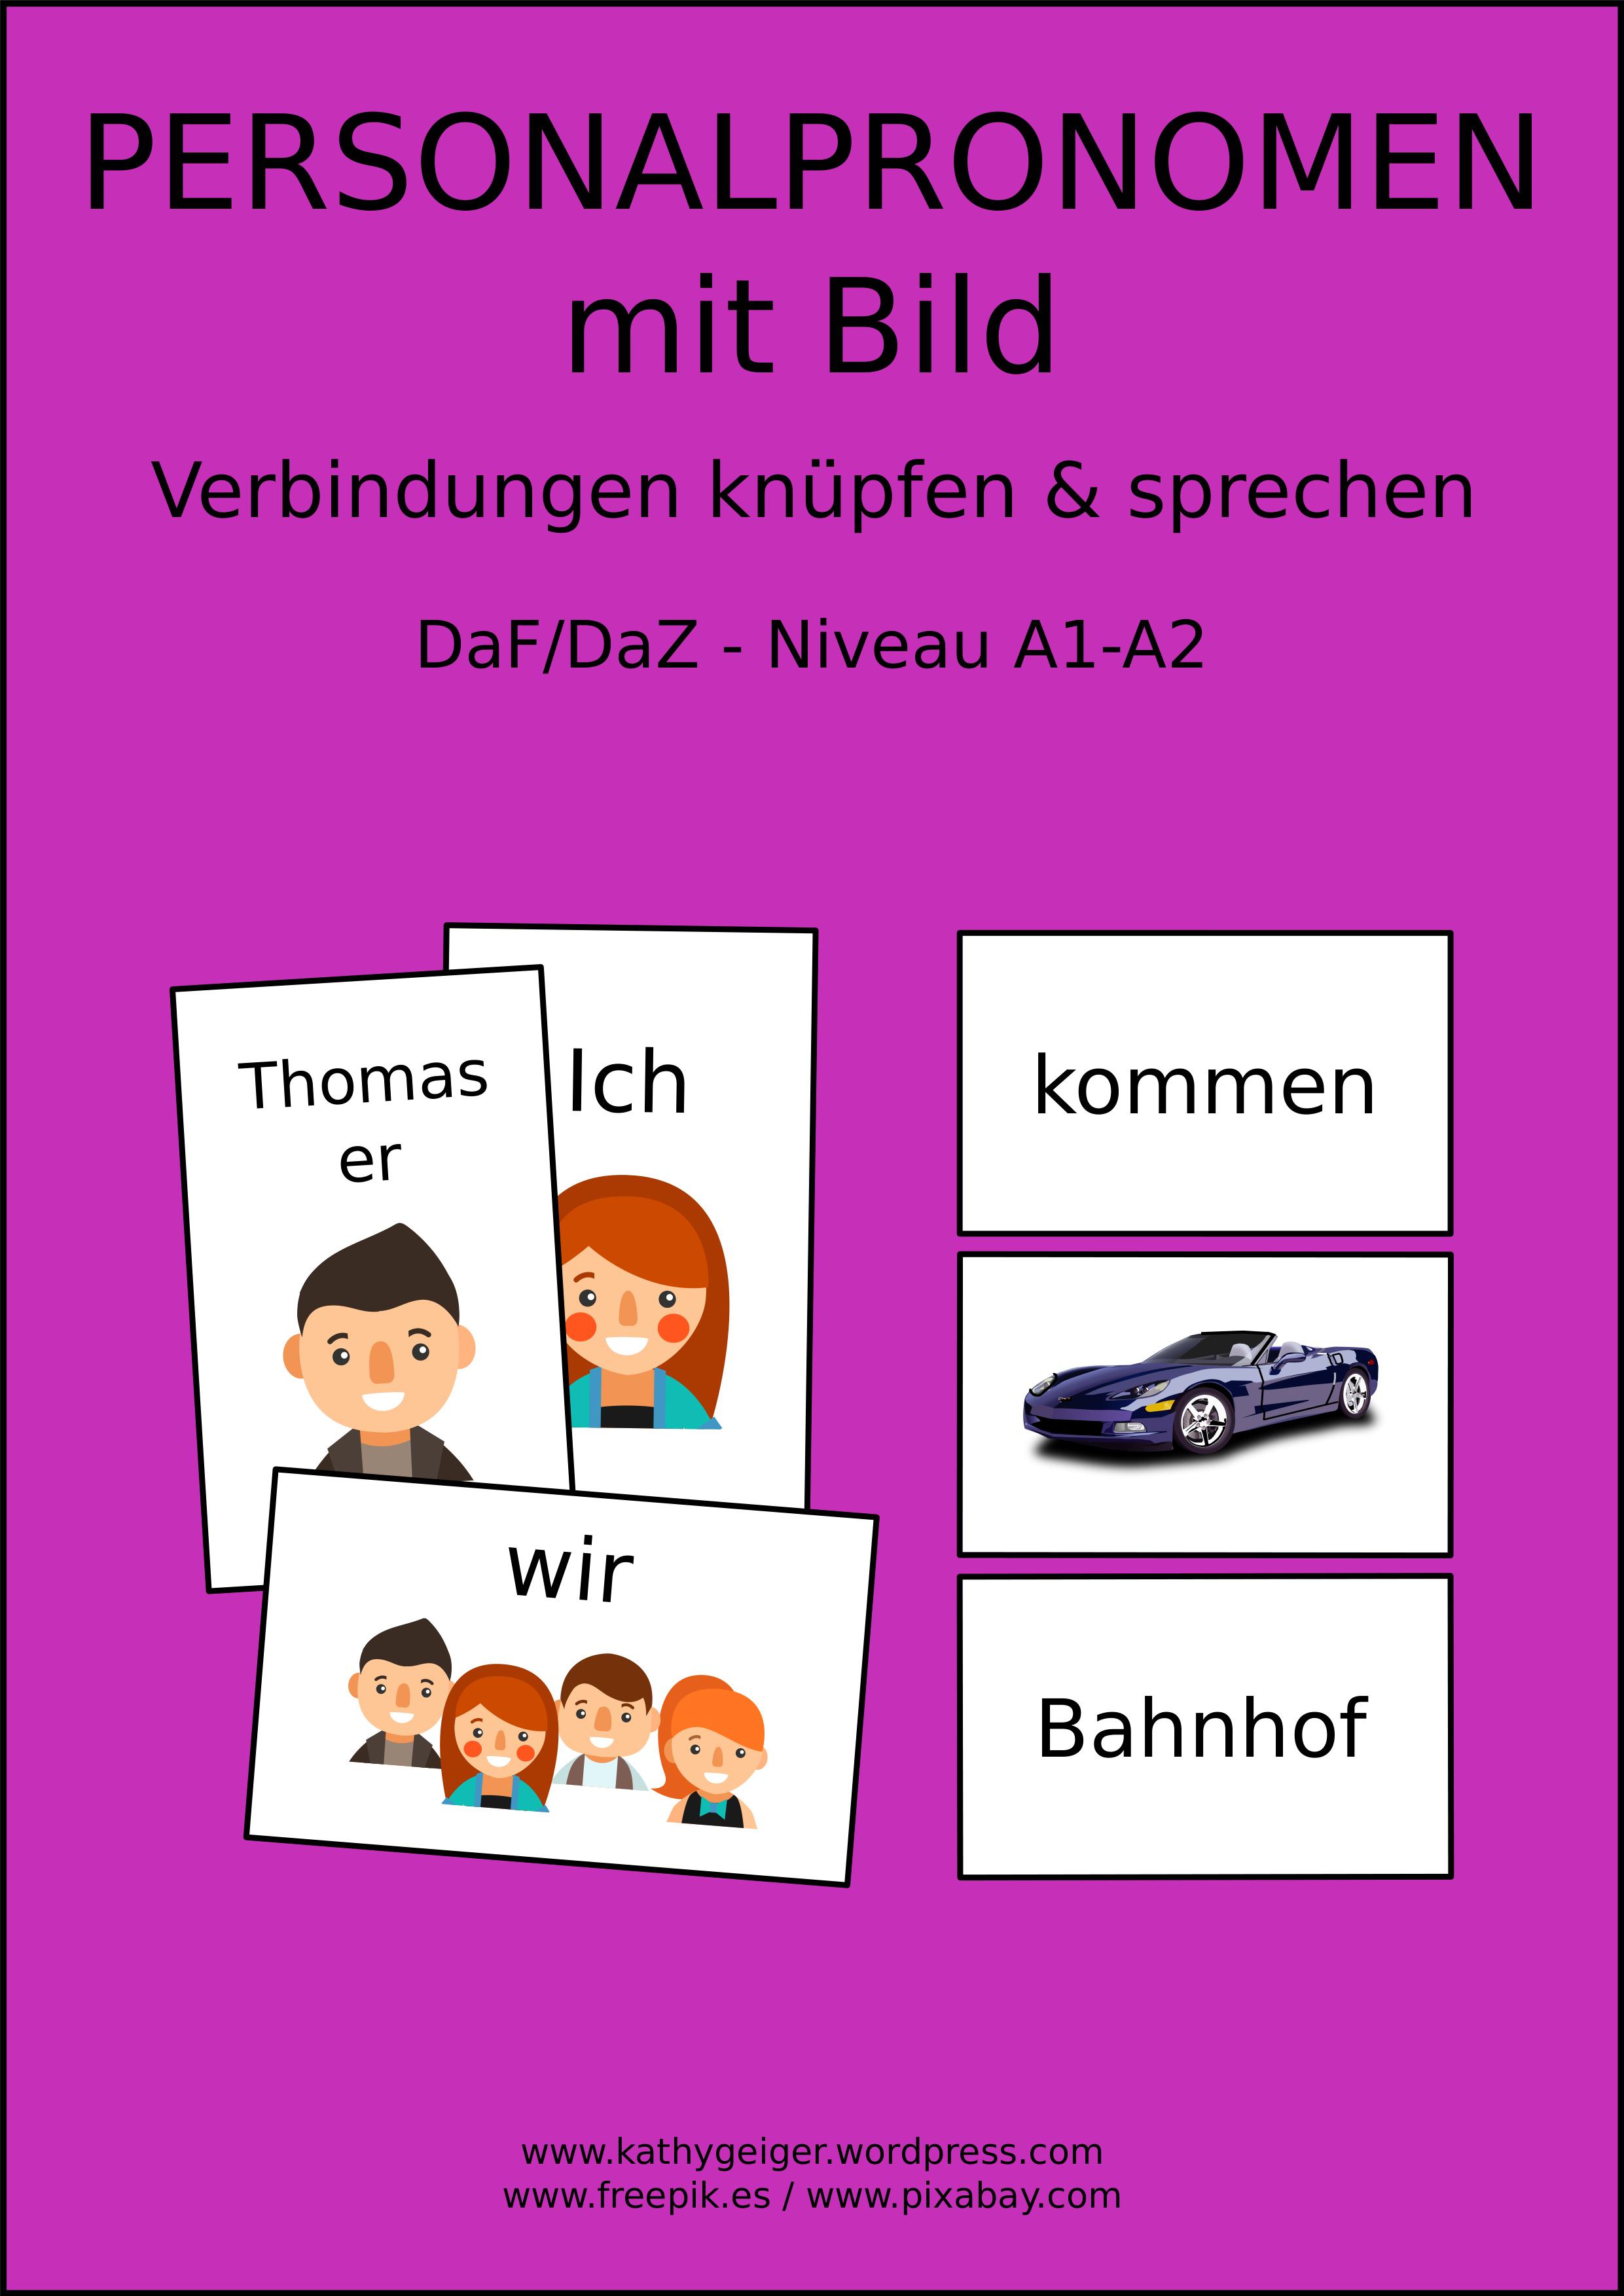 Personalpronomen Im Bild Dafdaz Niveau A1 Auch Für Deutsch In Der Grundschule